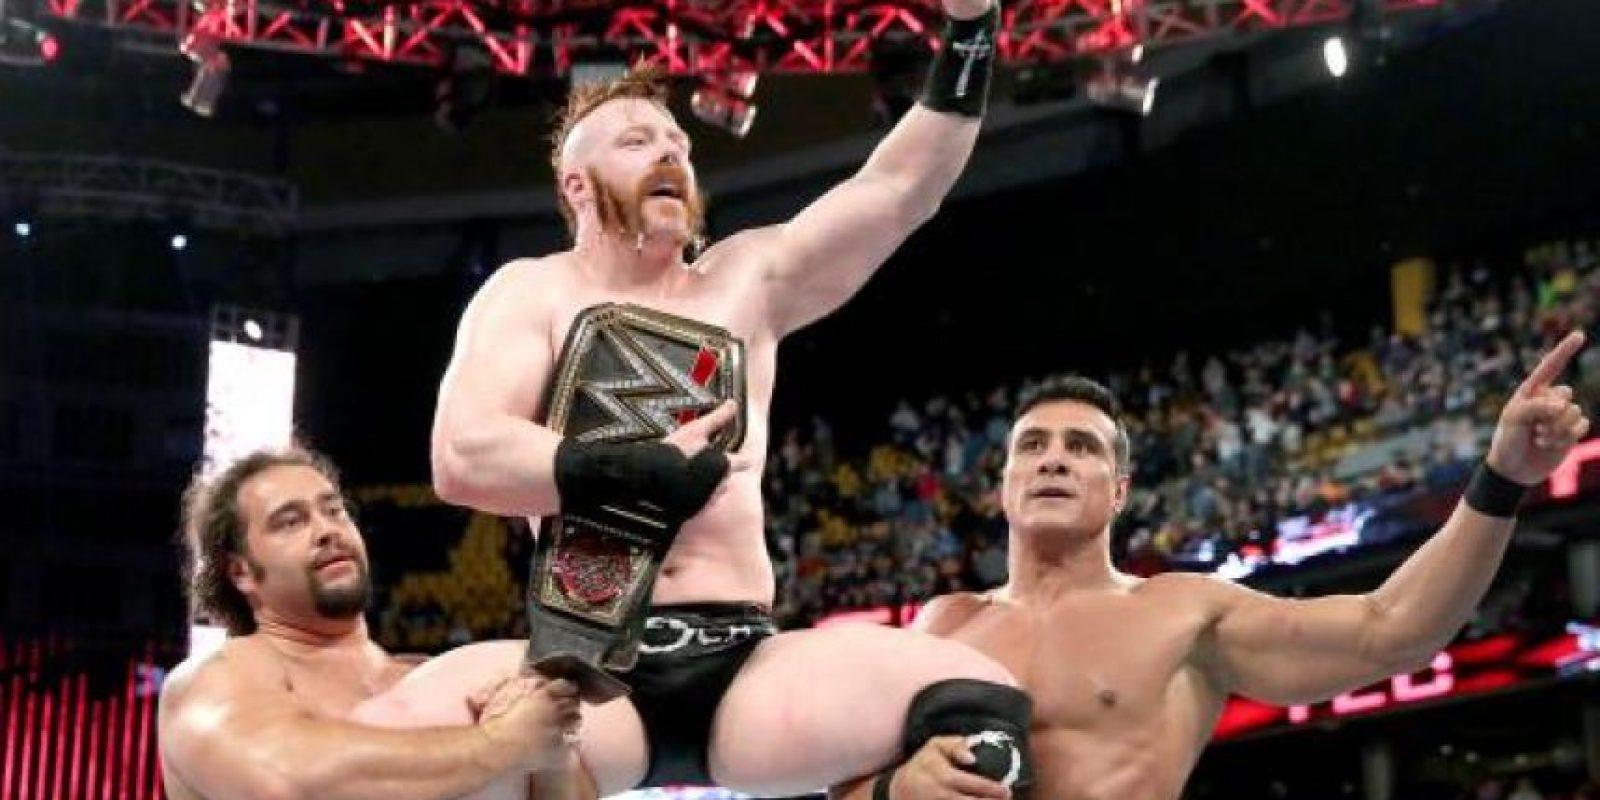 """La Liga de las Naciones celebró el trunfo del """"Guerrero Celta"""". Foto:WWE"""